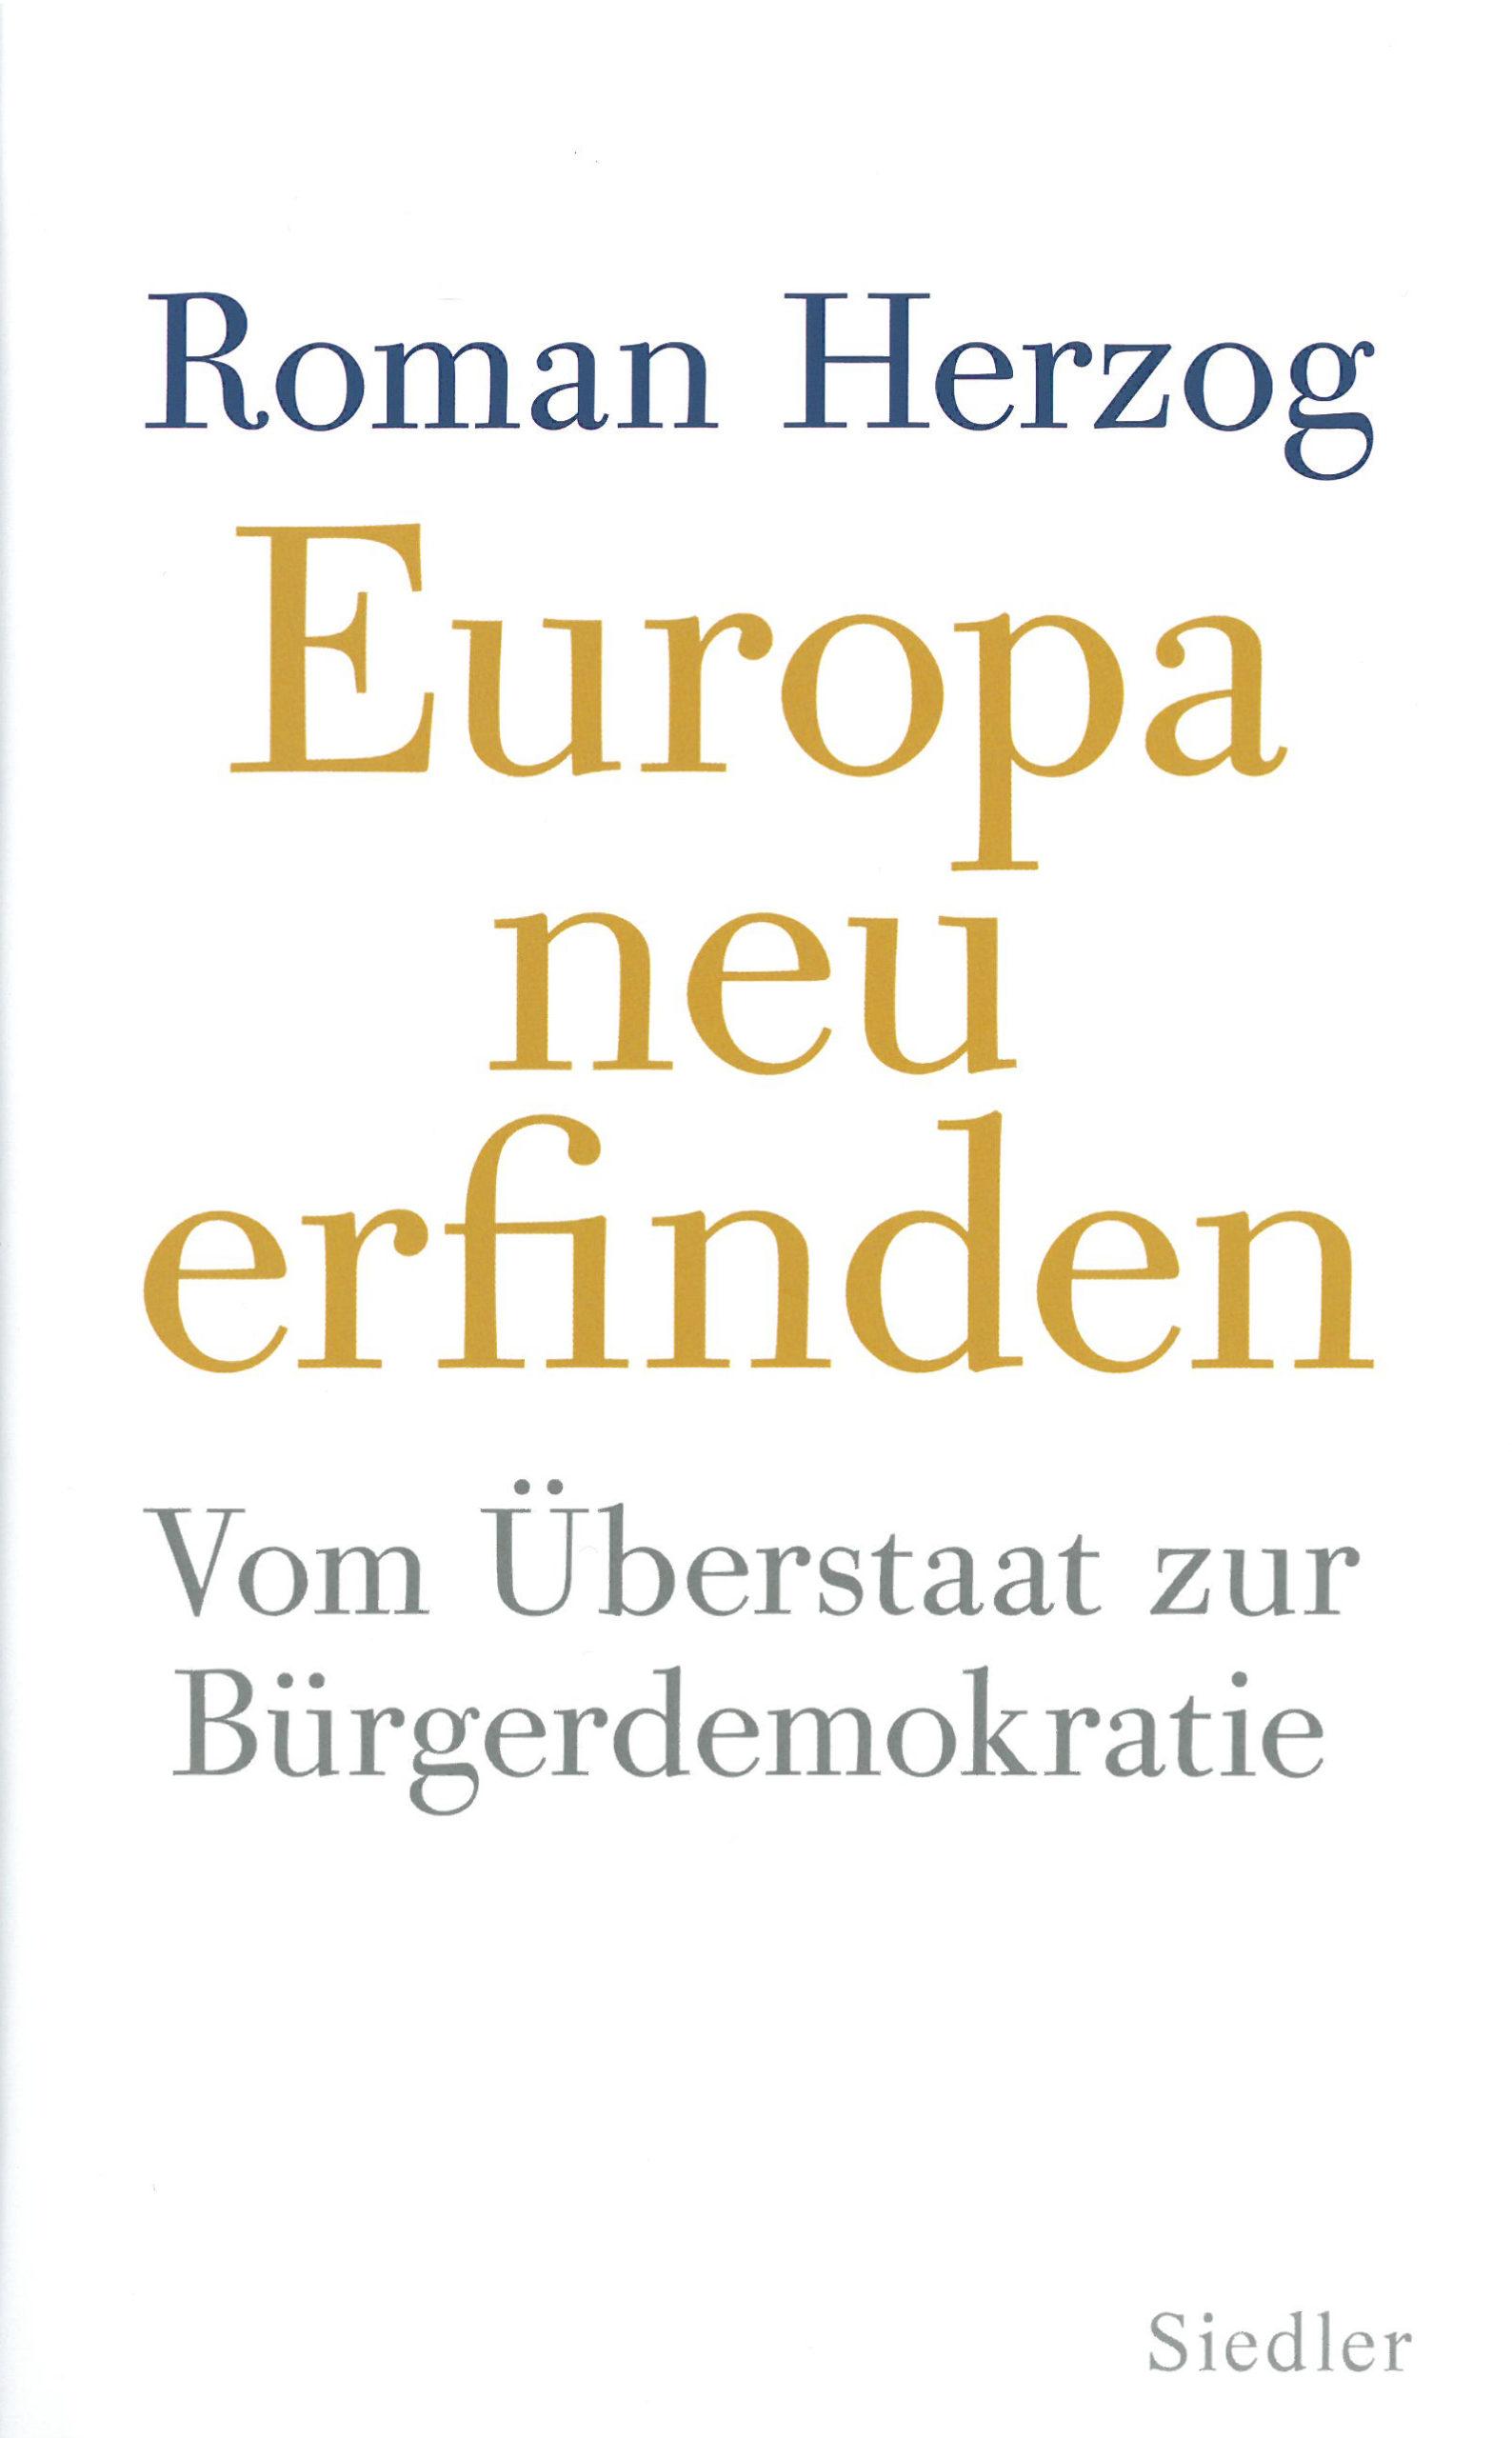 Roman Herzog: Europa neu erfinden. Vom Überstaat zur Bürgerdemokratie. Siedler 2014, 160 s.